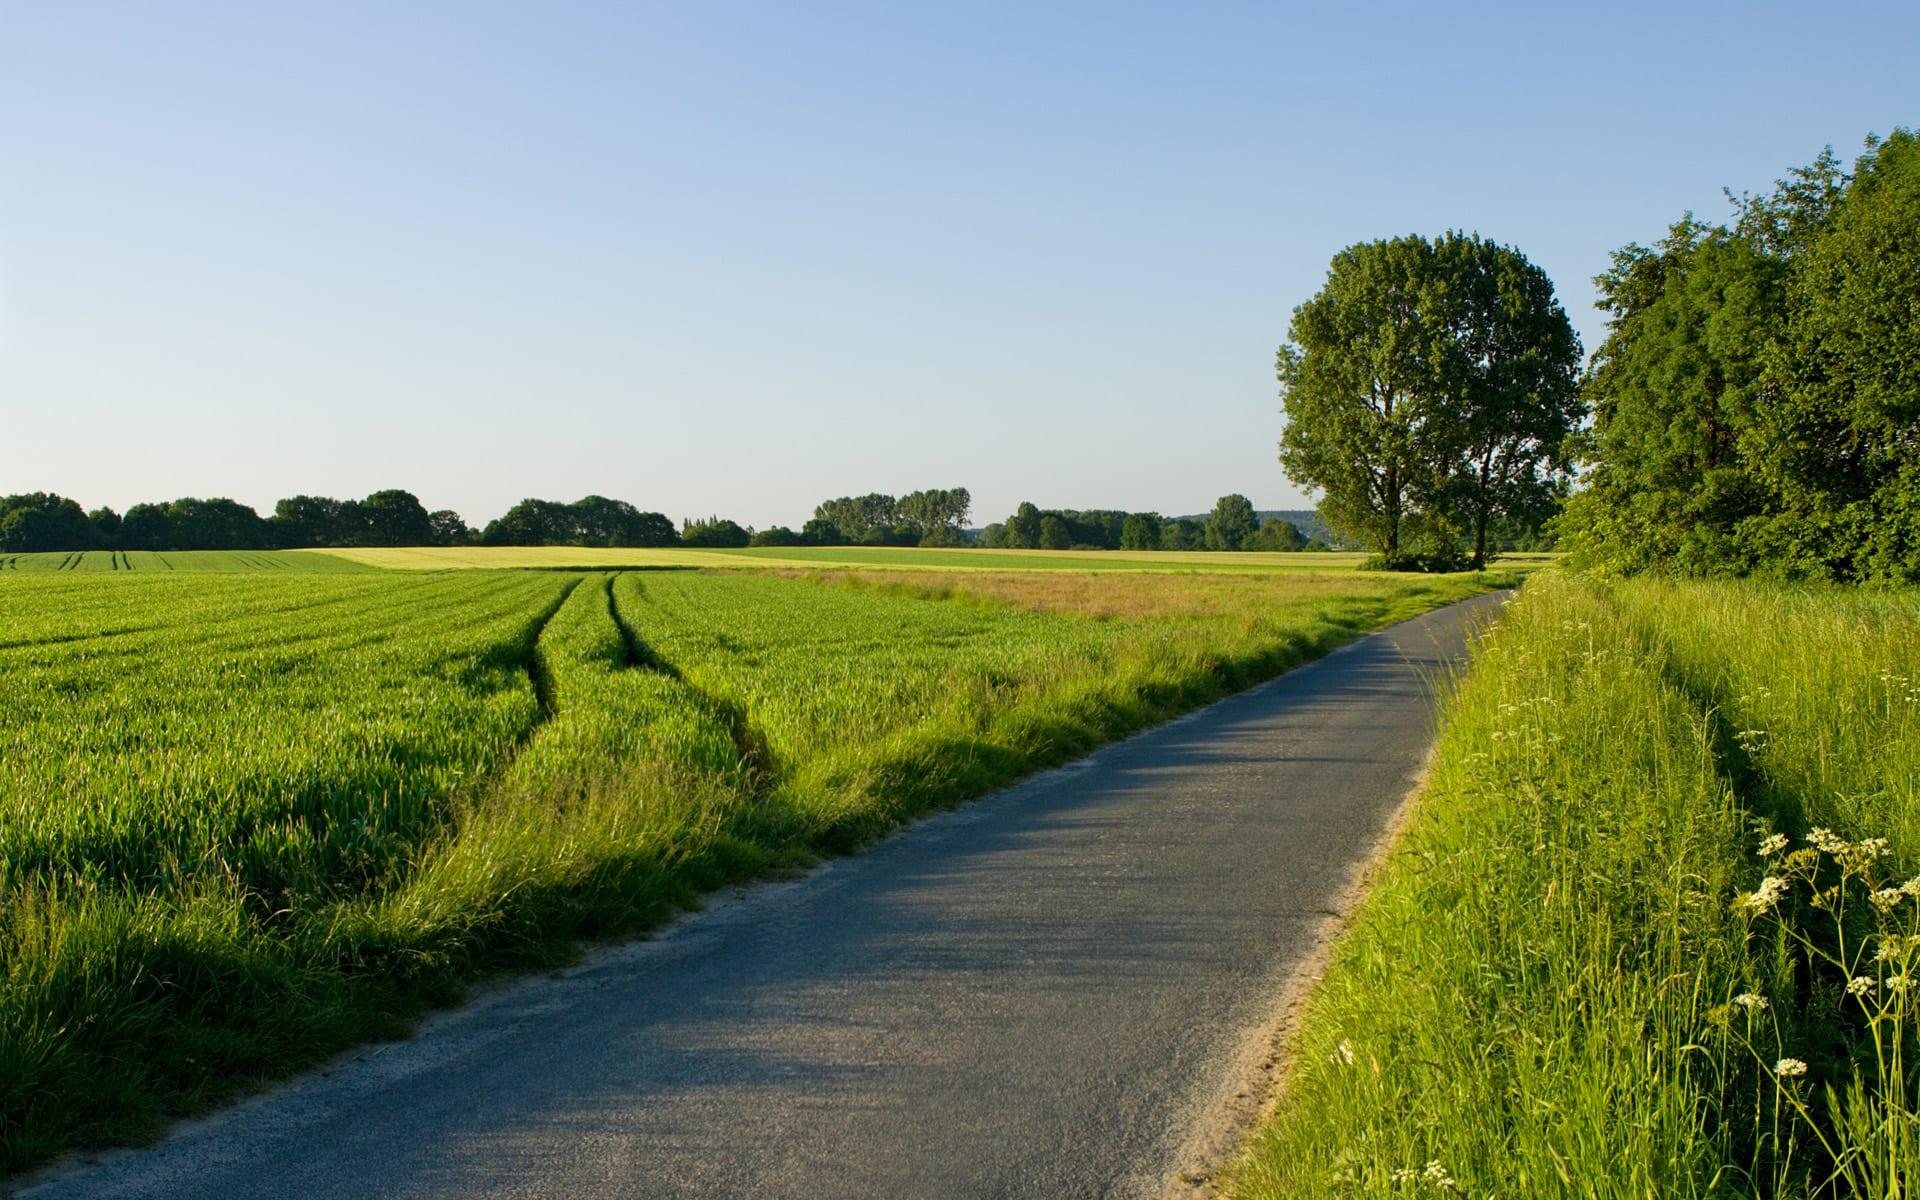 Taking the Narrow Road